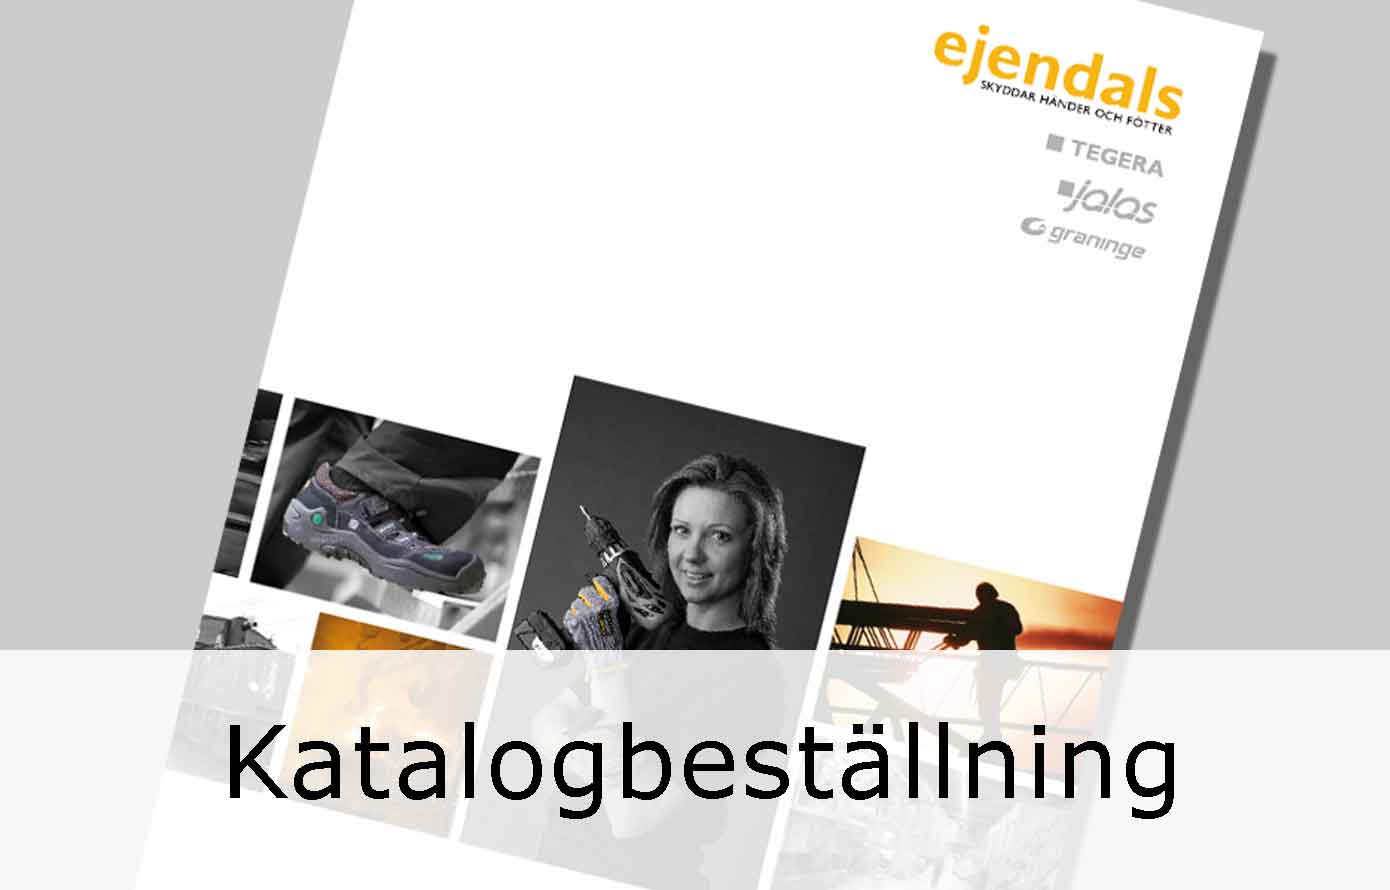 katalogbeställning_2009